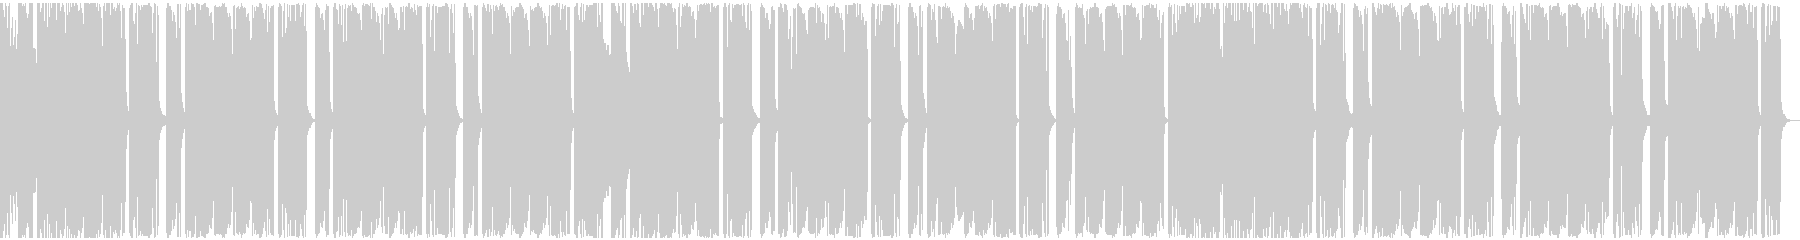 【アンビエント】ロング2、ミディアム1の未再生の波形